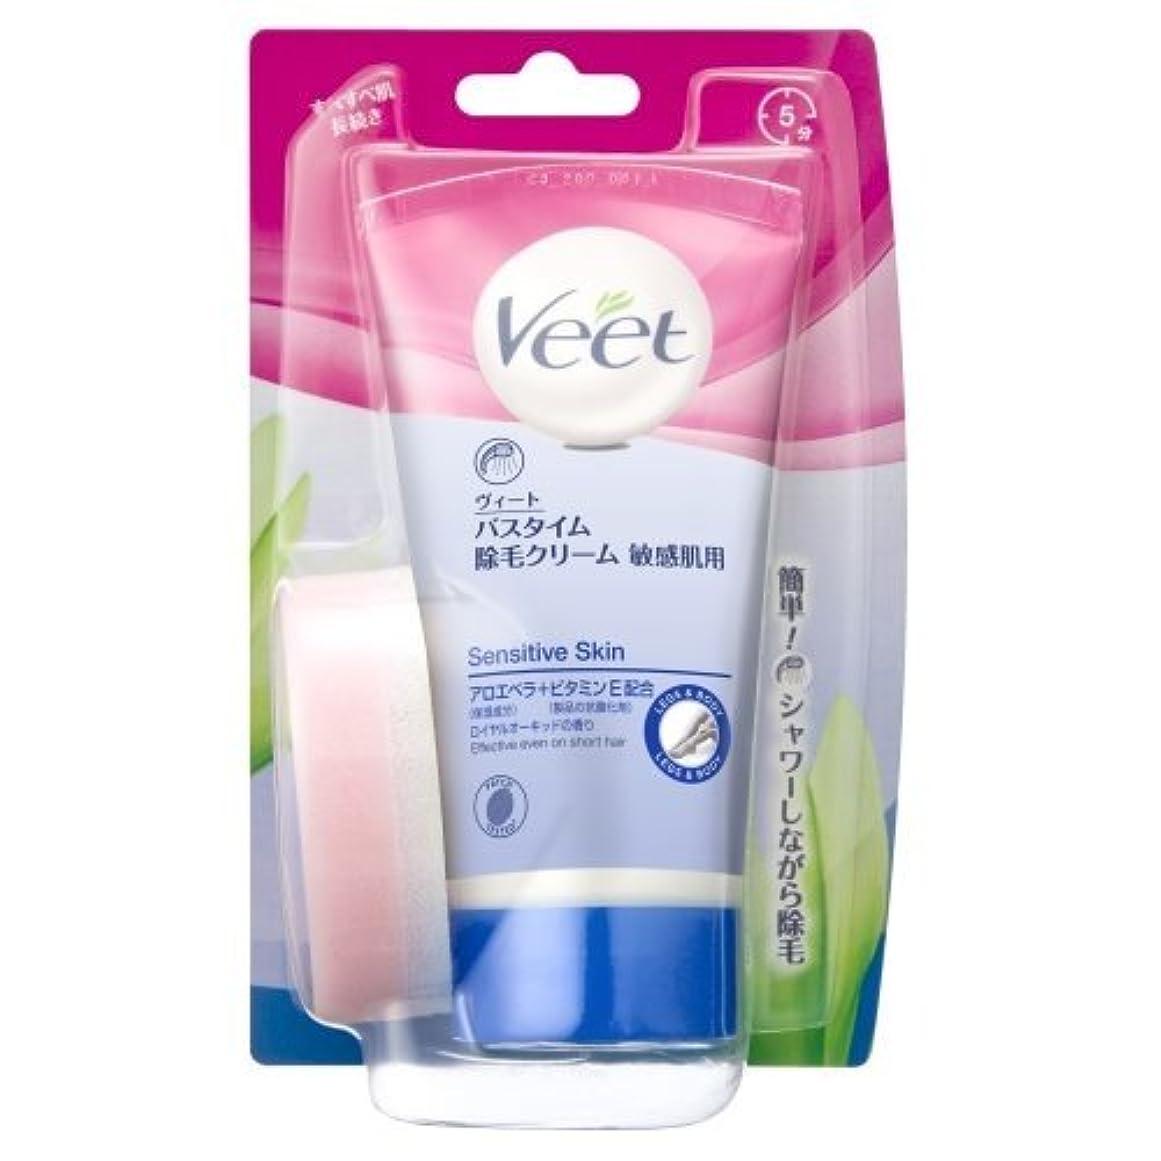 変化小間ここにヴィート バスタイム 除毛クリーム 敏感肌用 150g (Veet In Shower Hair Removal Cream Sensitive 150g)